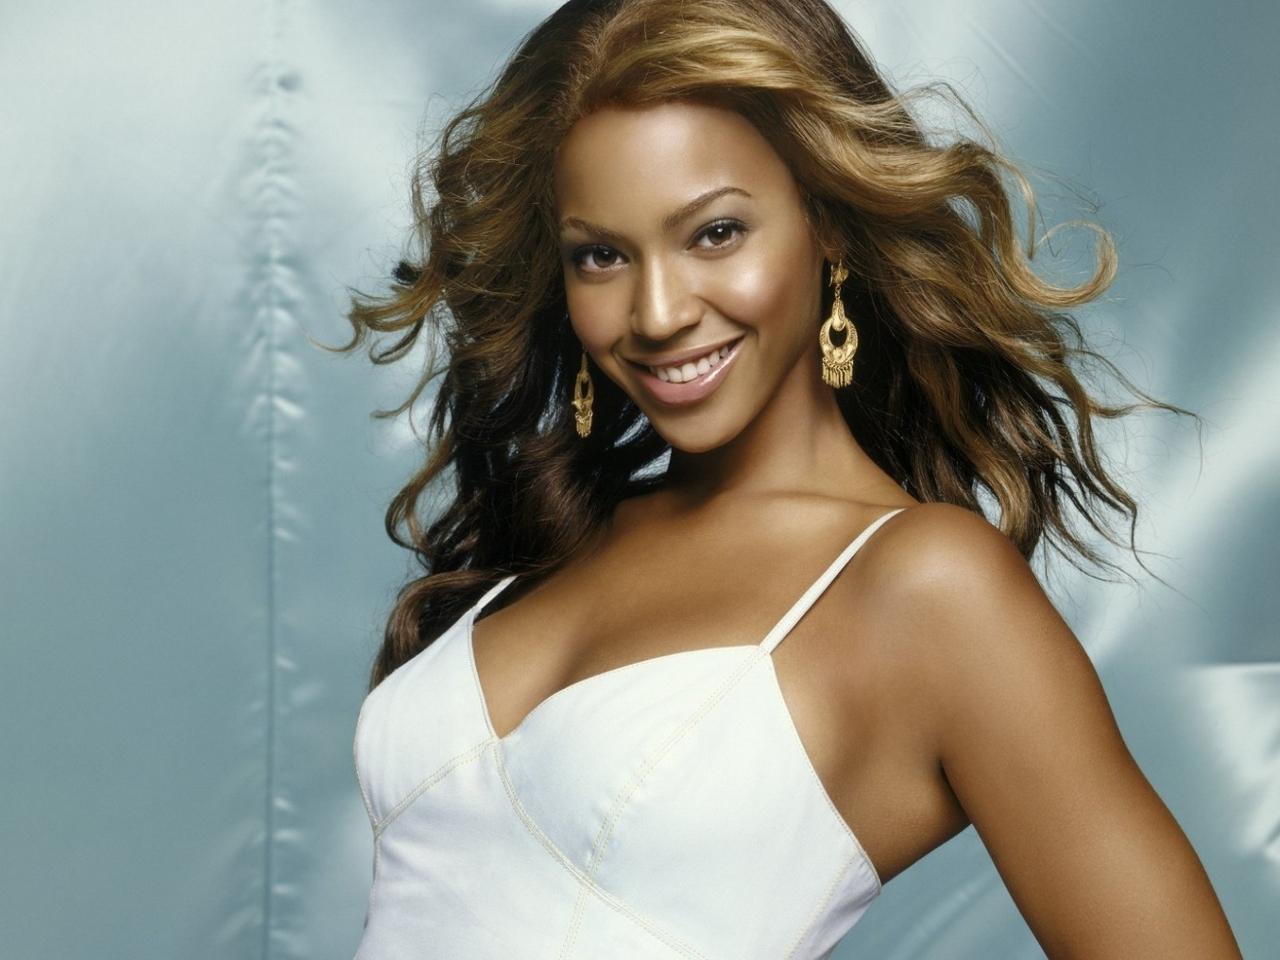 http://2.bp.blogspot.com/-hUNm7xRB_AQ/UOoHrXyy97I/AAAAAAAAF34/_Luwi9HrCZI/s1600/Beyonce+beyaz+elbise.jpg